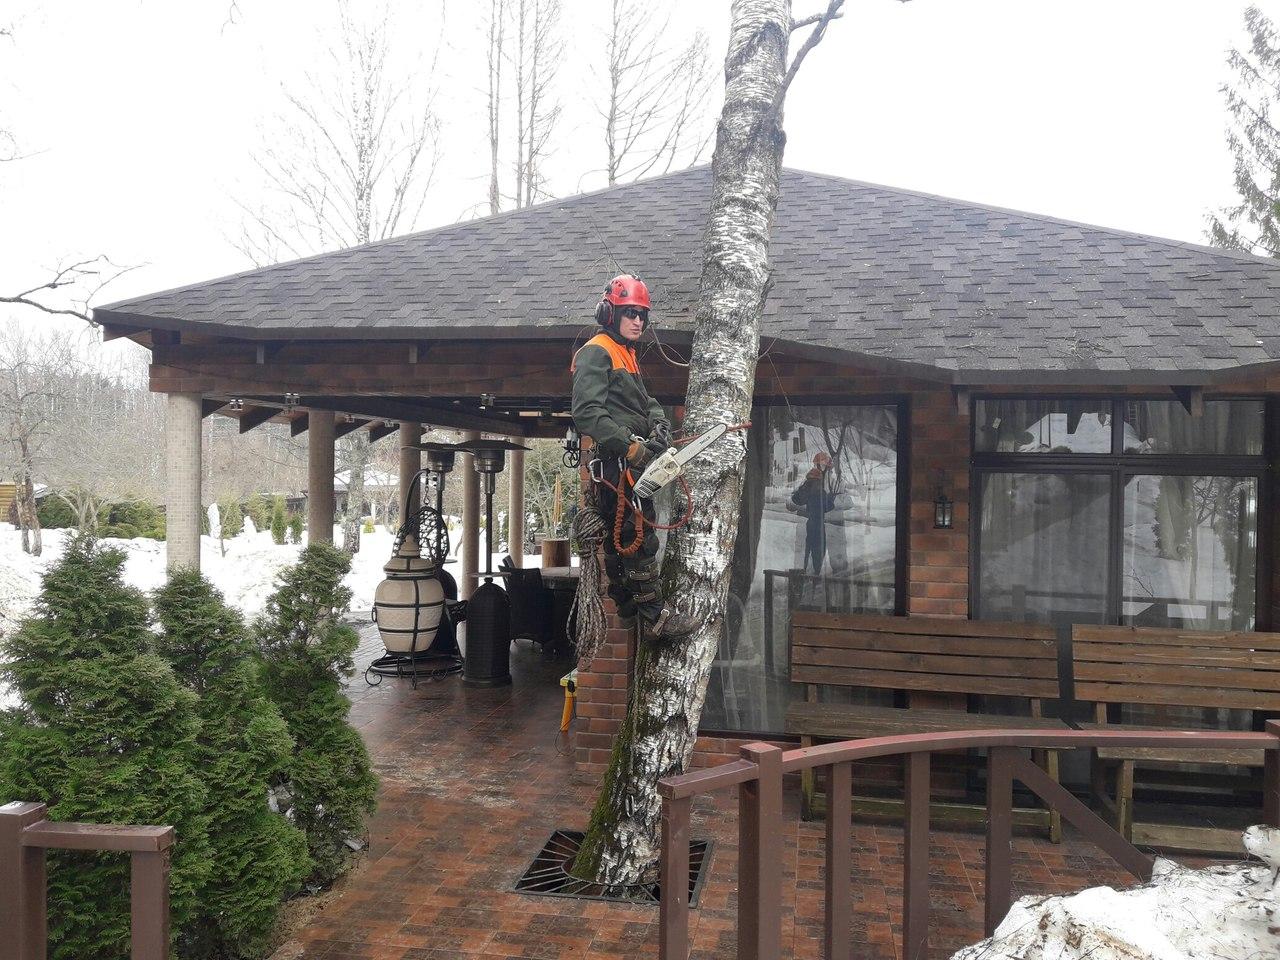 Спилить дерево. Спиливание сухой березы возле беседки в Абрамцево, Сергиево-Посадский район